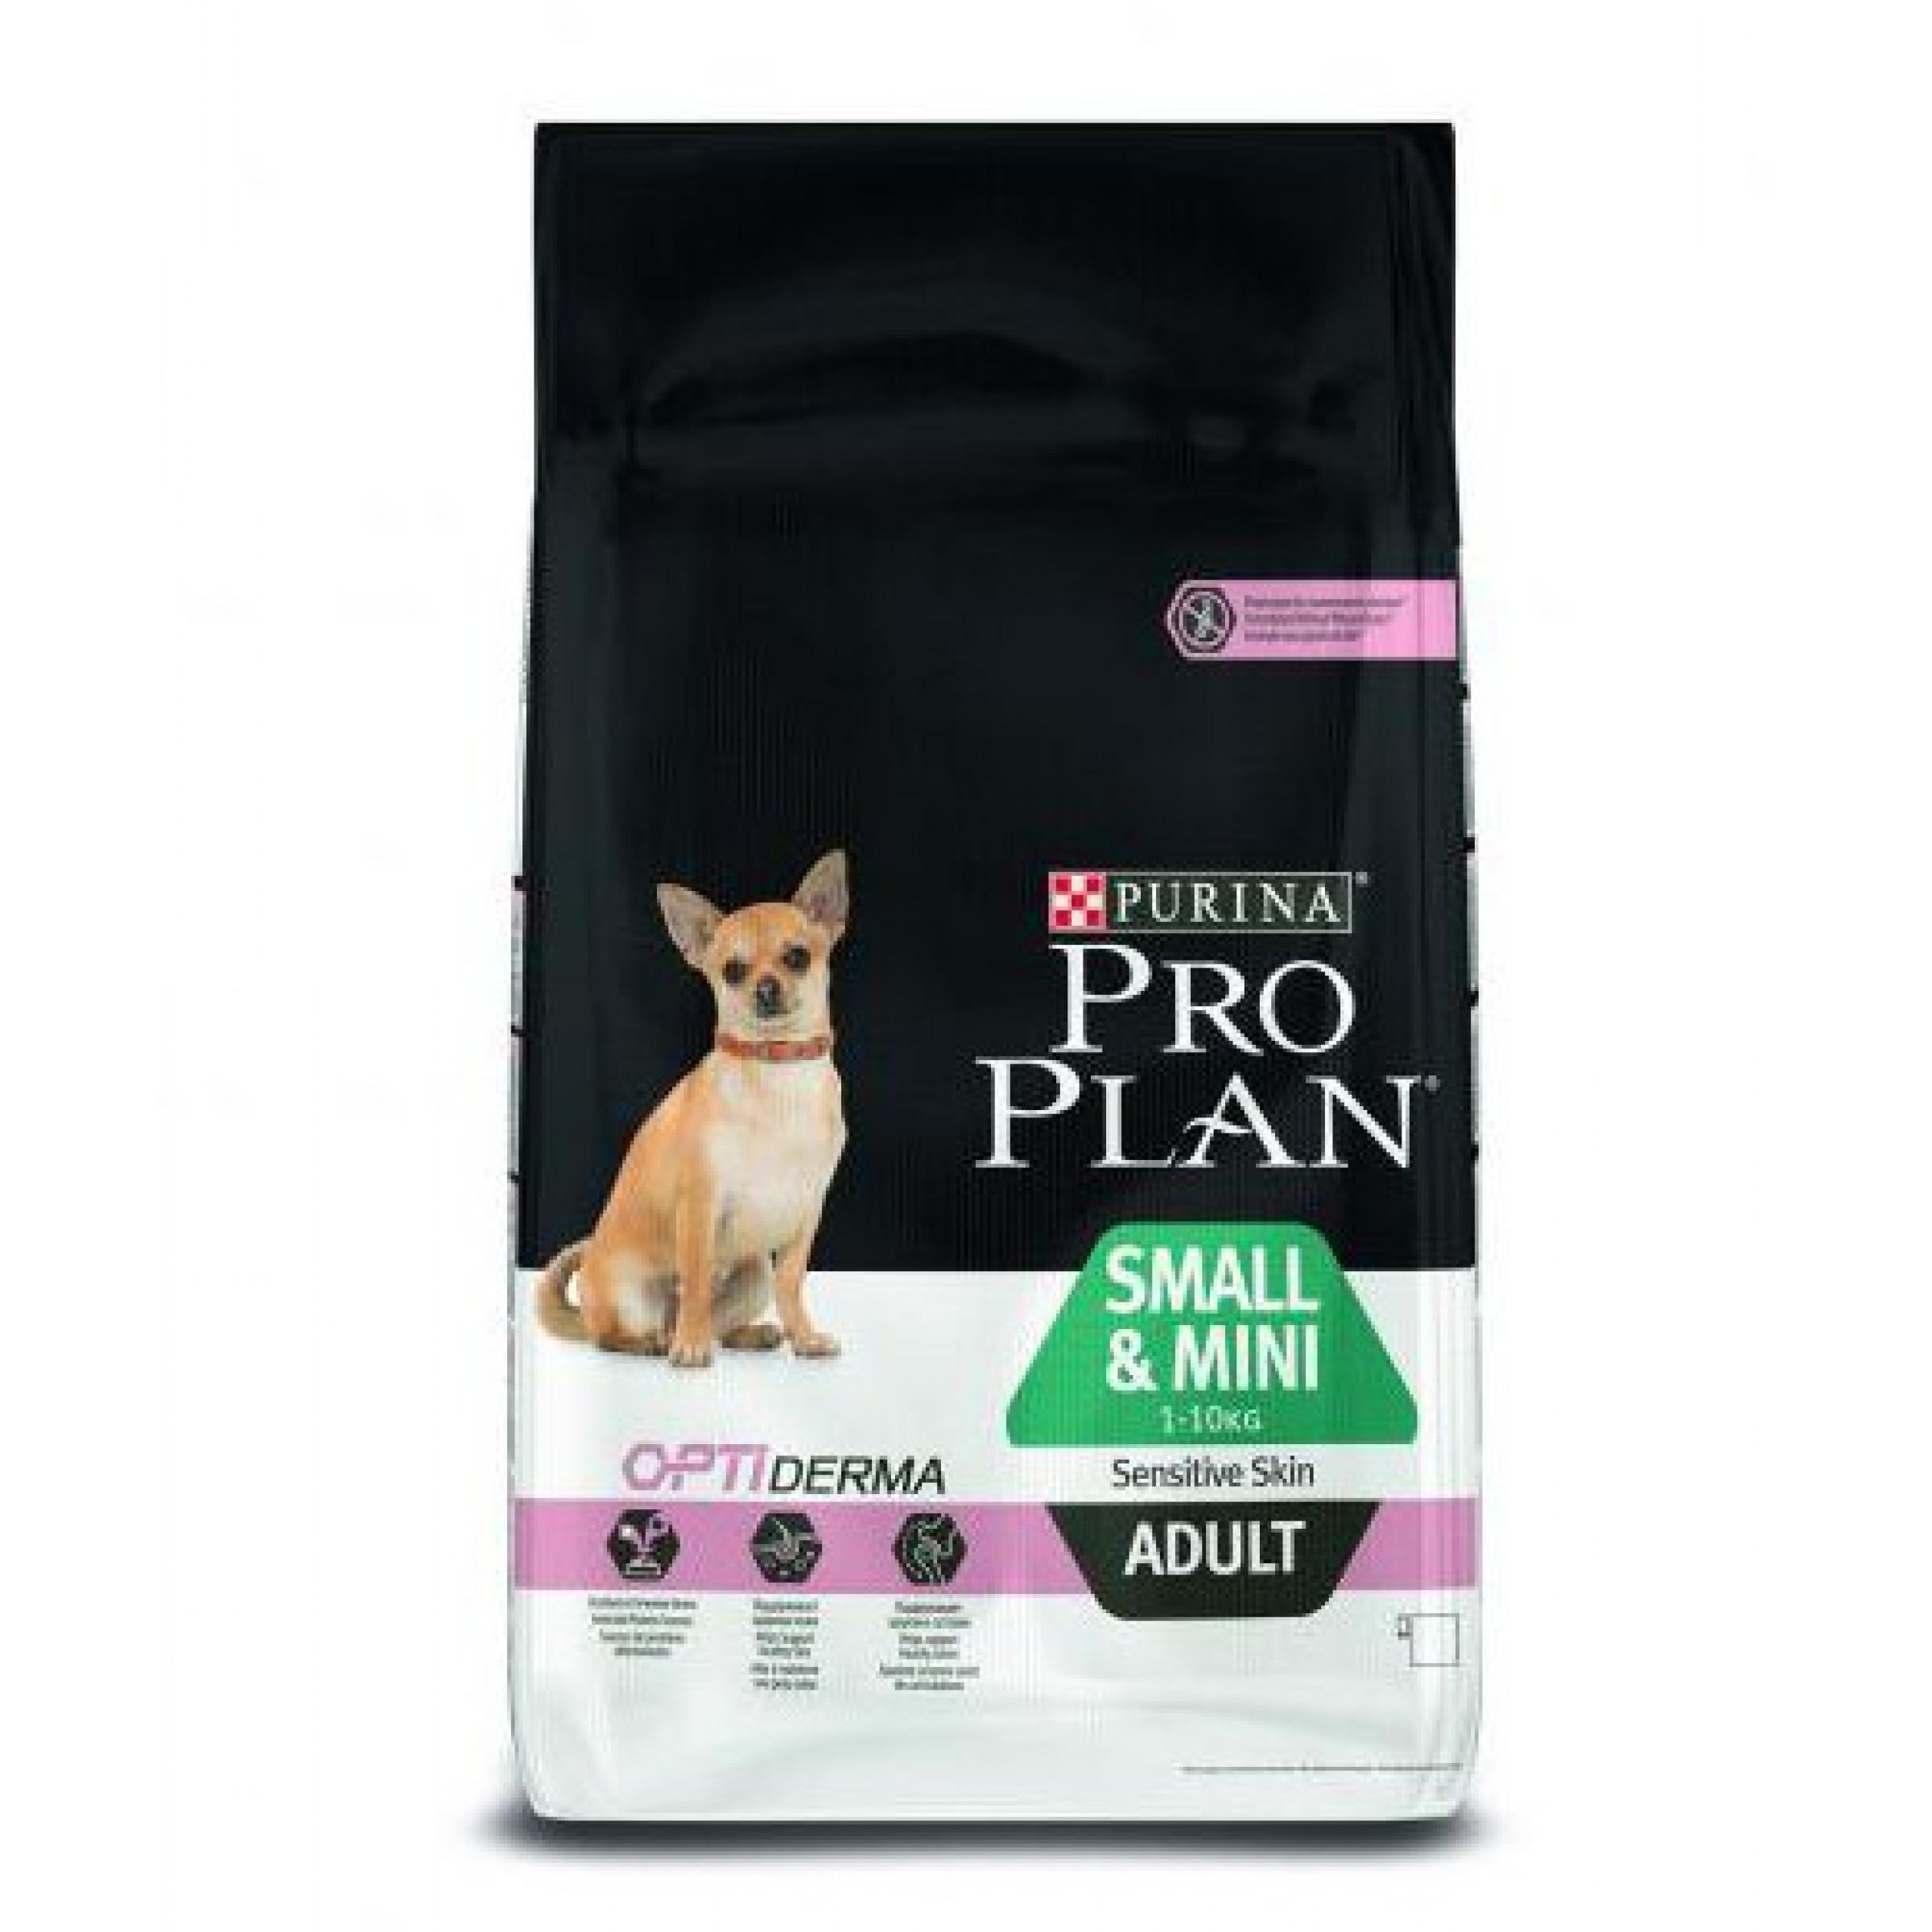 Сухой корм для собак мелких пород с чувствительной кожей PRPN ADLSMLMN, ягненок, 3кг.